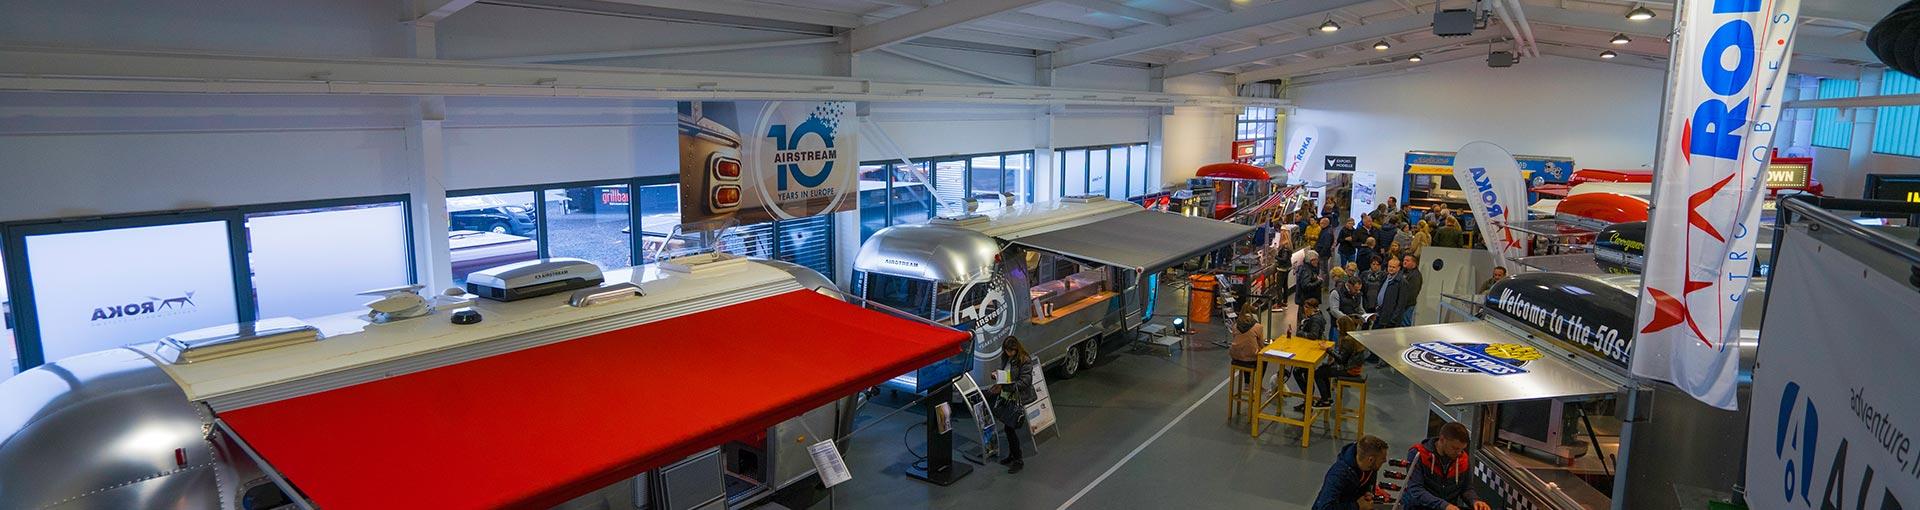 ROKA Showroom mit Food Trucks und Verkaufswagen